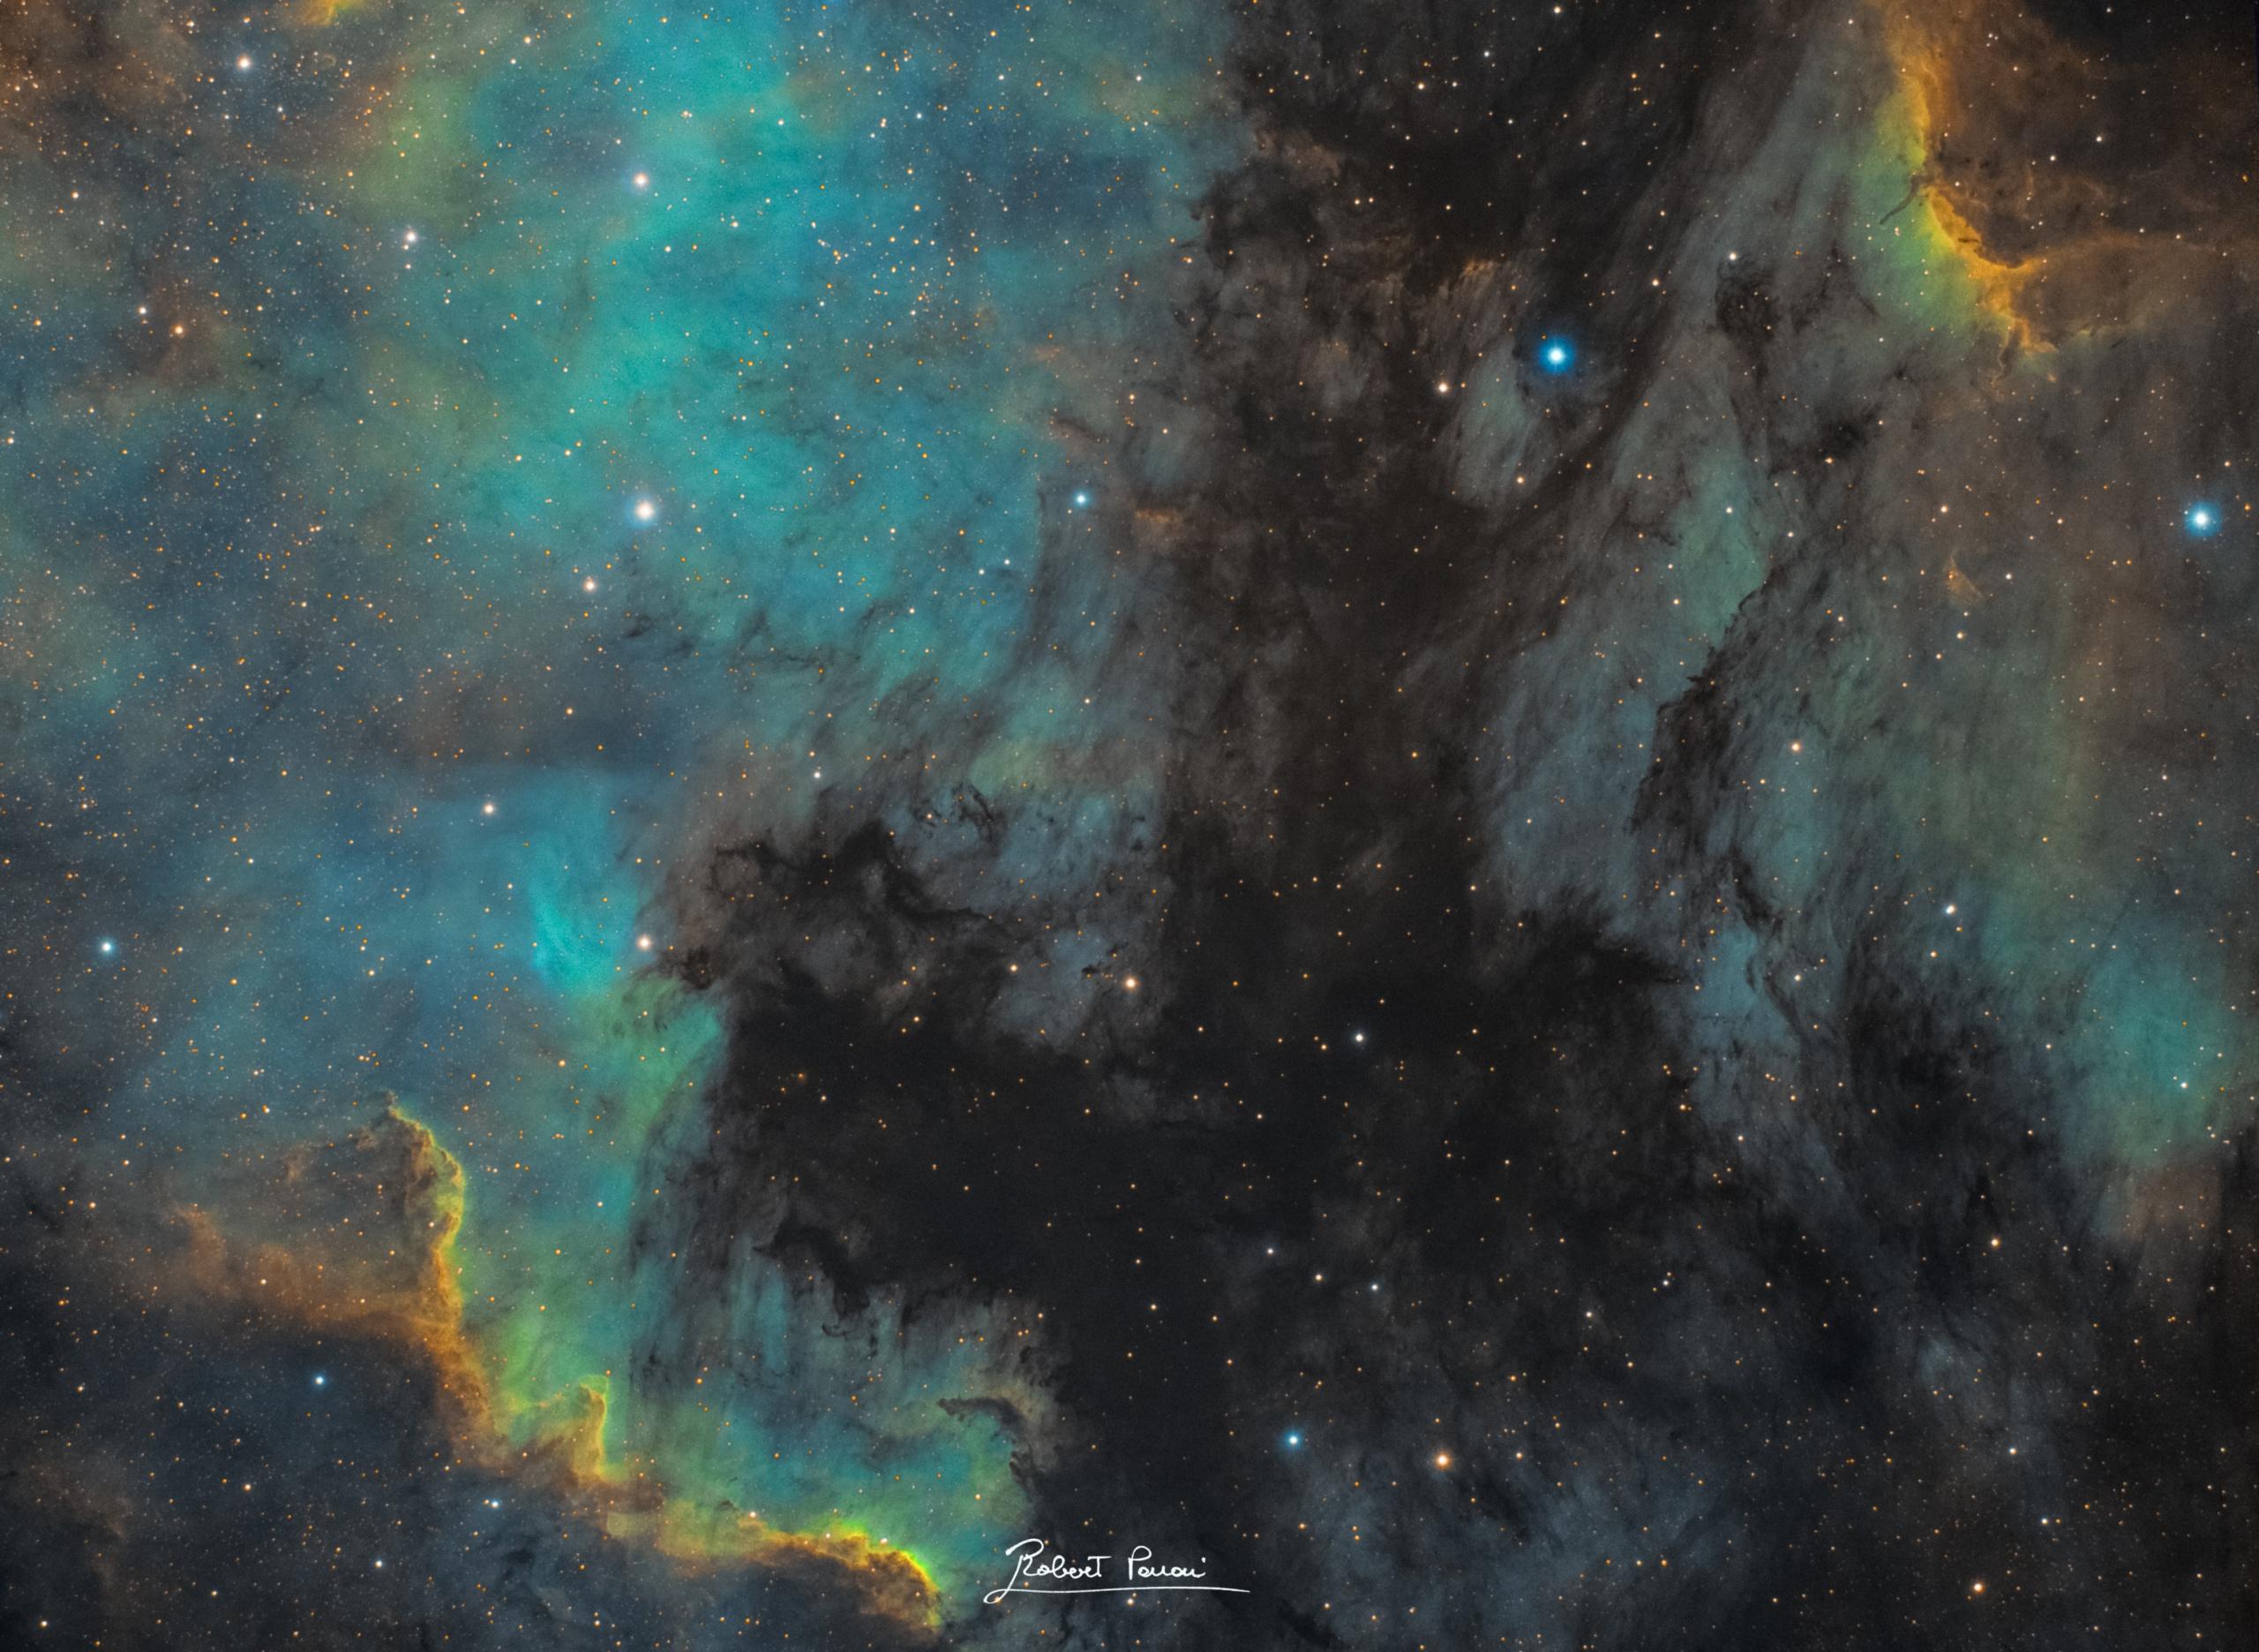 robert_panai-ngc7000-nebulosa_nord_america